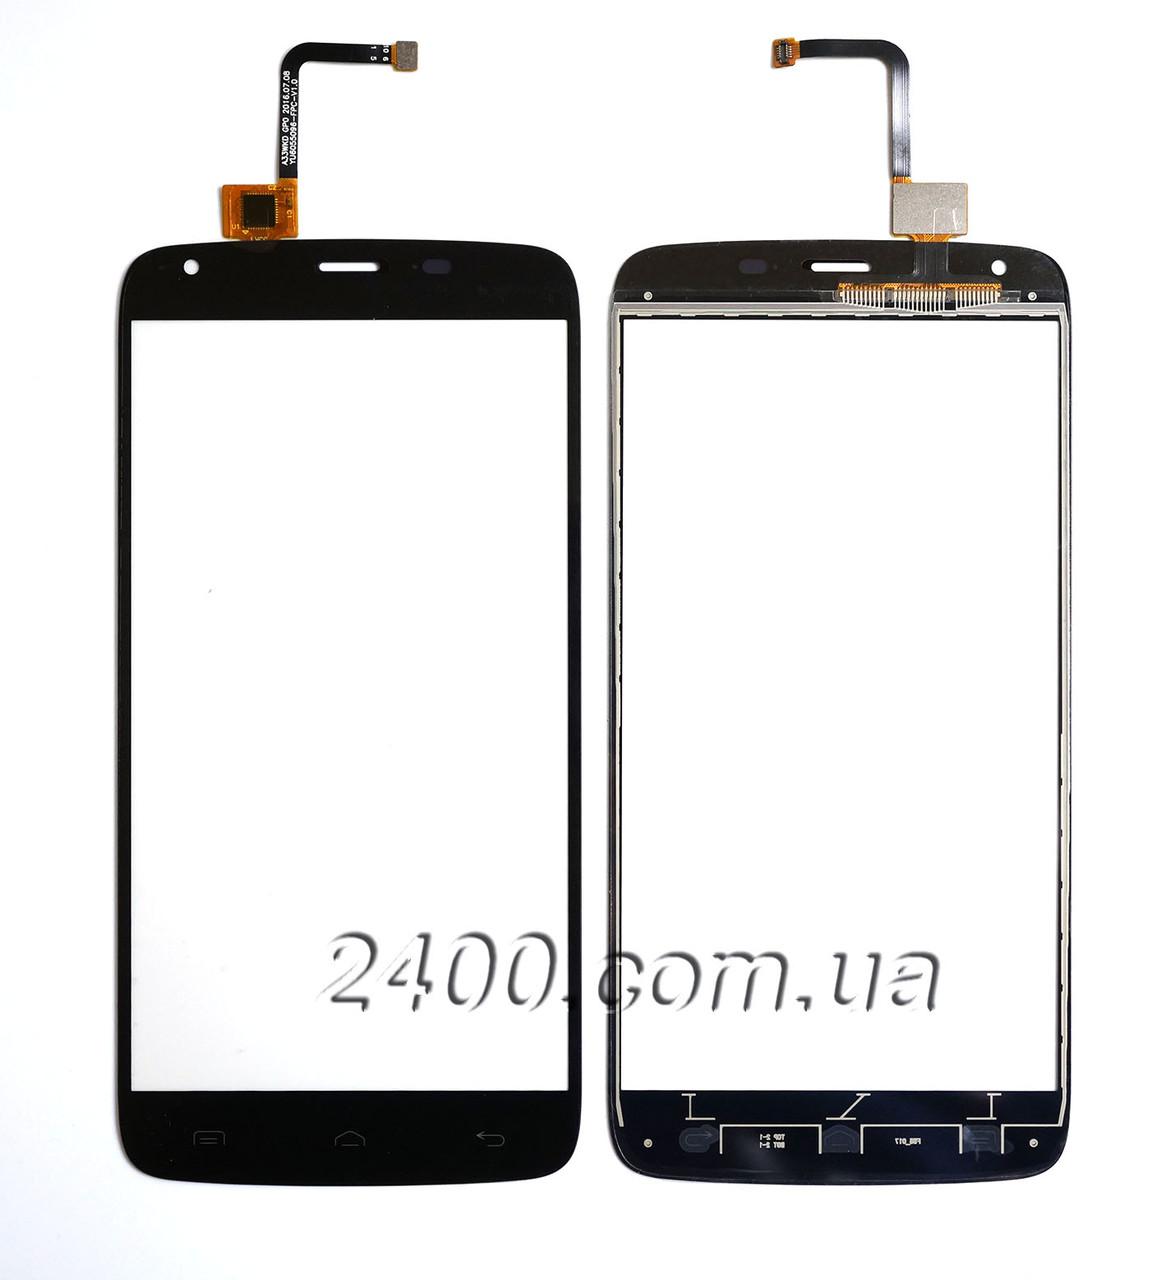 Тачскрин Homtom HT6 (сенсор) - touchscreen для телефонов Хомтом HT 6